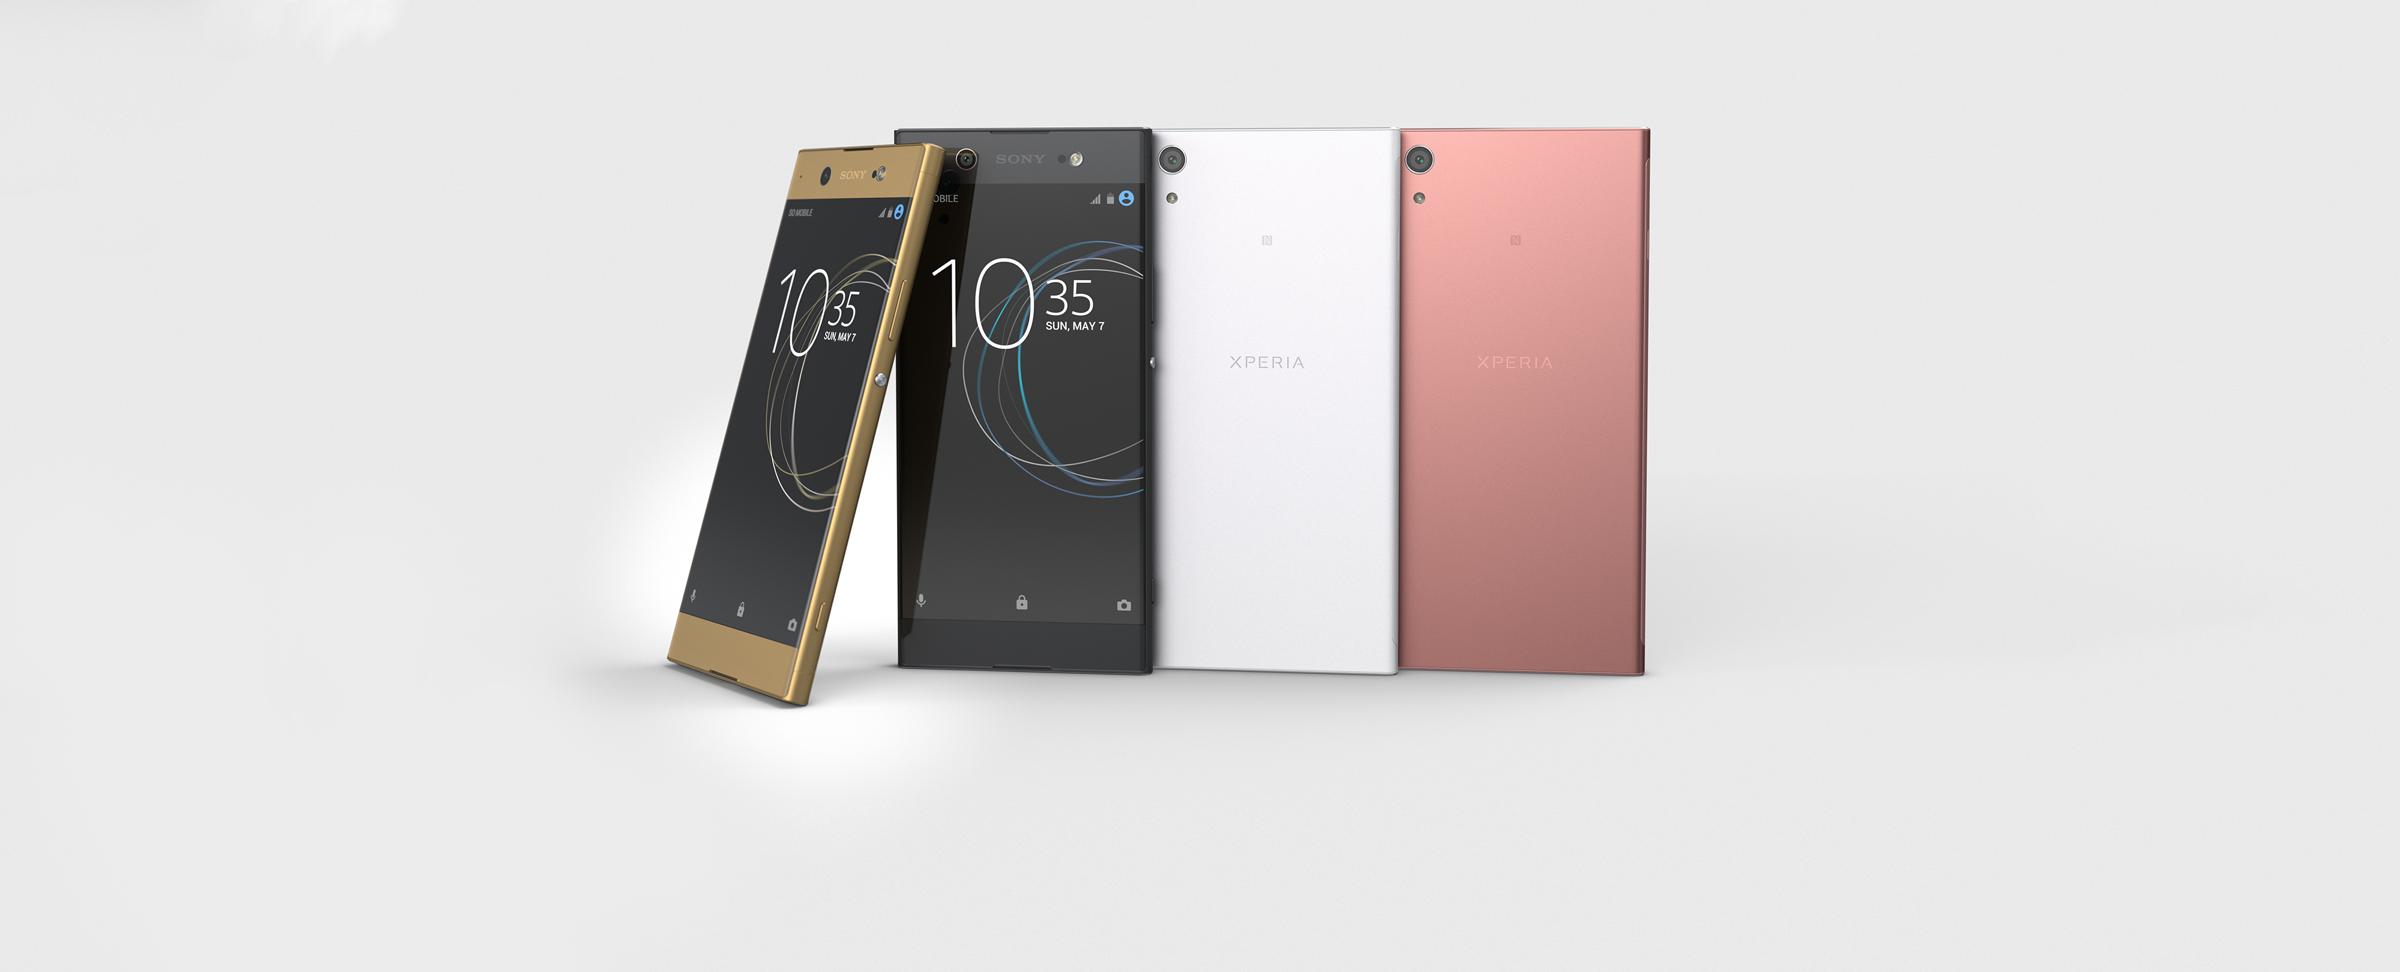 مميزات و عيوب و اسعار Sony Xperia XA1 Ultra | بوابة الموبايلات